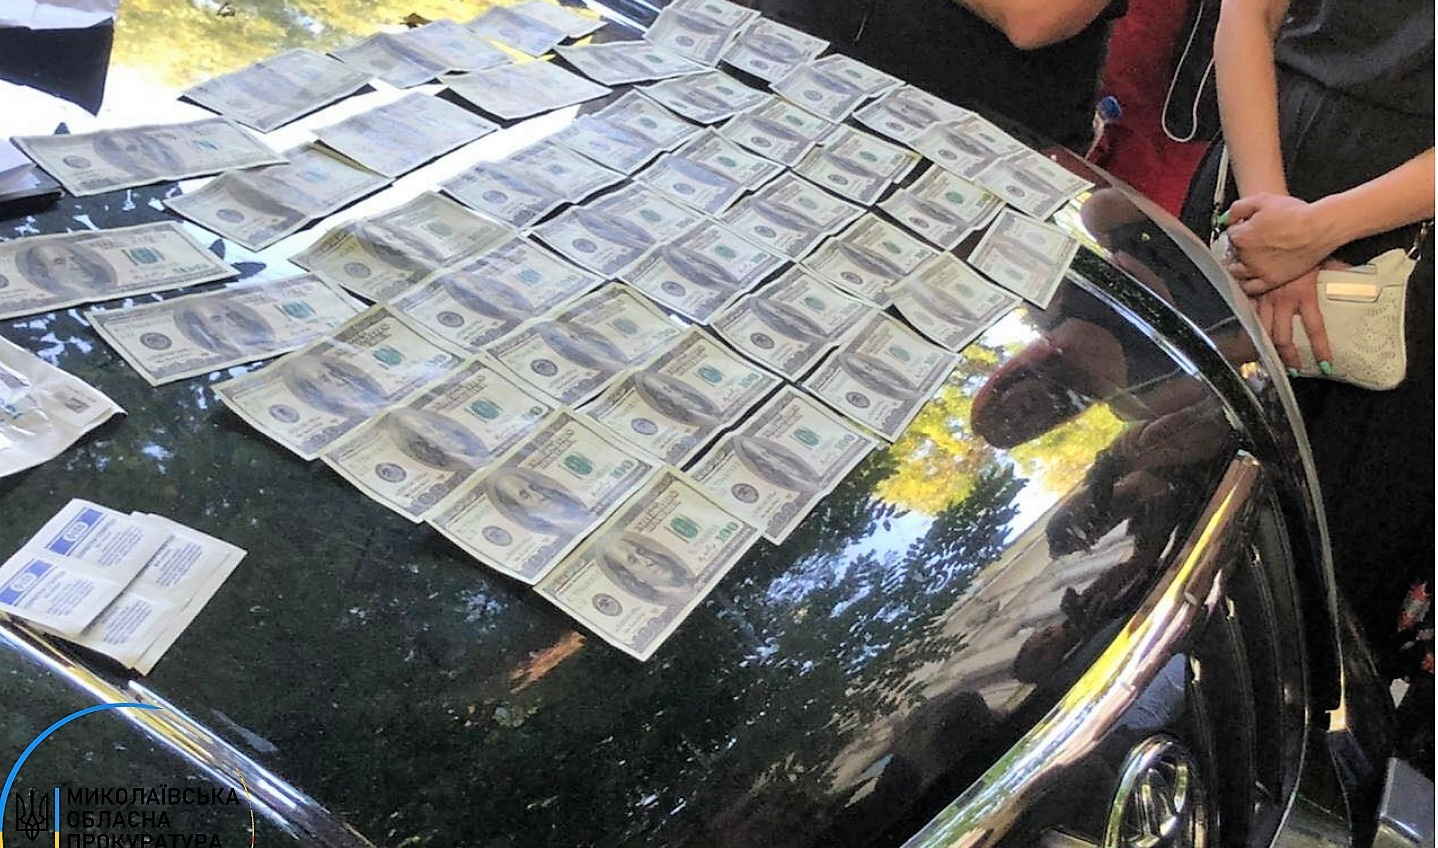 Сотрудник Госэкоинспекции и общественник попались на взятке в 5 тысяч долларов (фото) «фото»